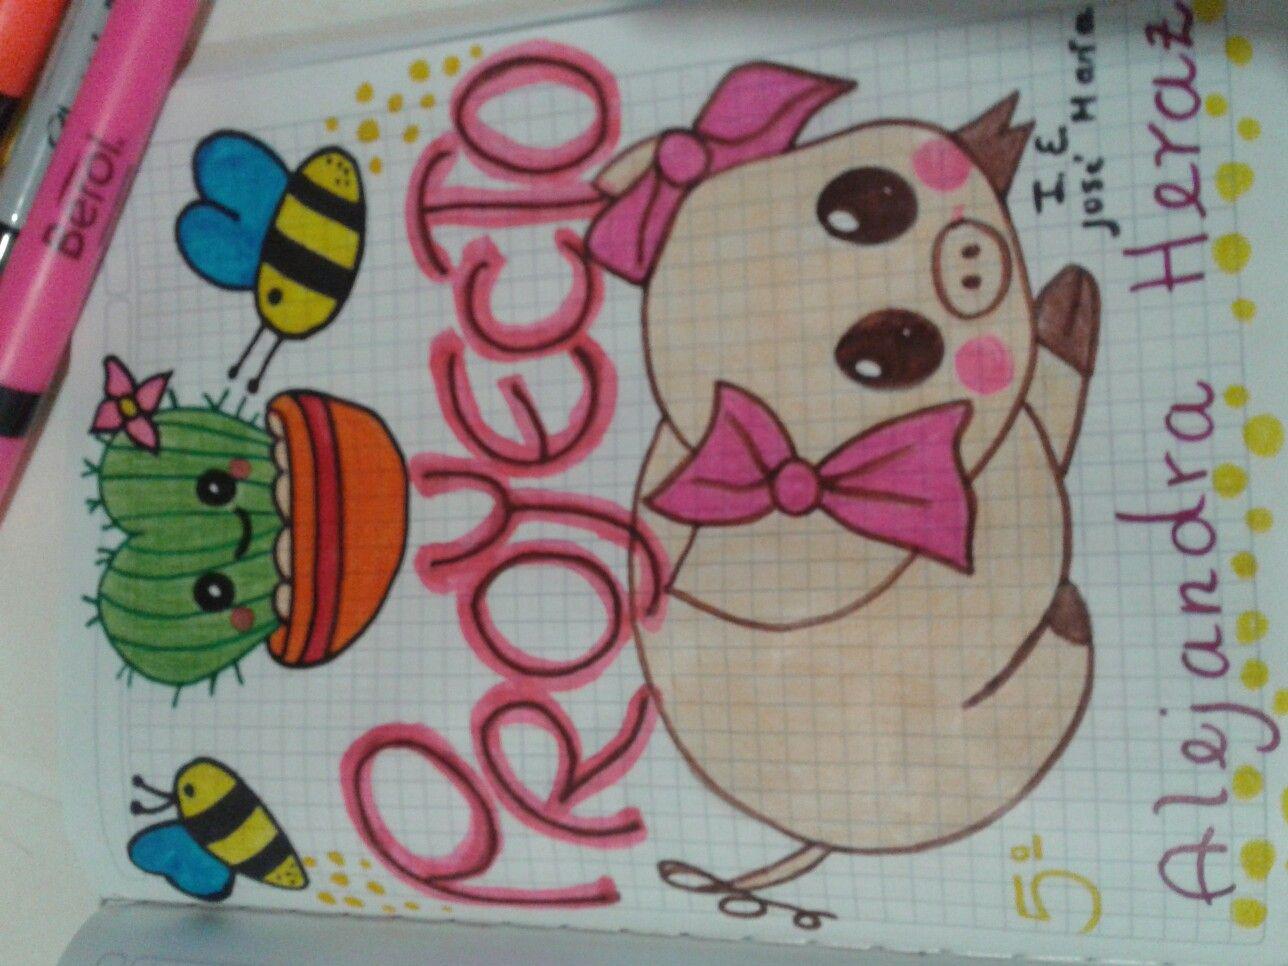 Caratulas Color Cuadernos Escolares Infantiles Dibujos Para 2: Pin De Leidy Duque En Cuadernos